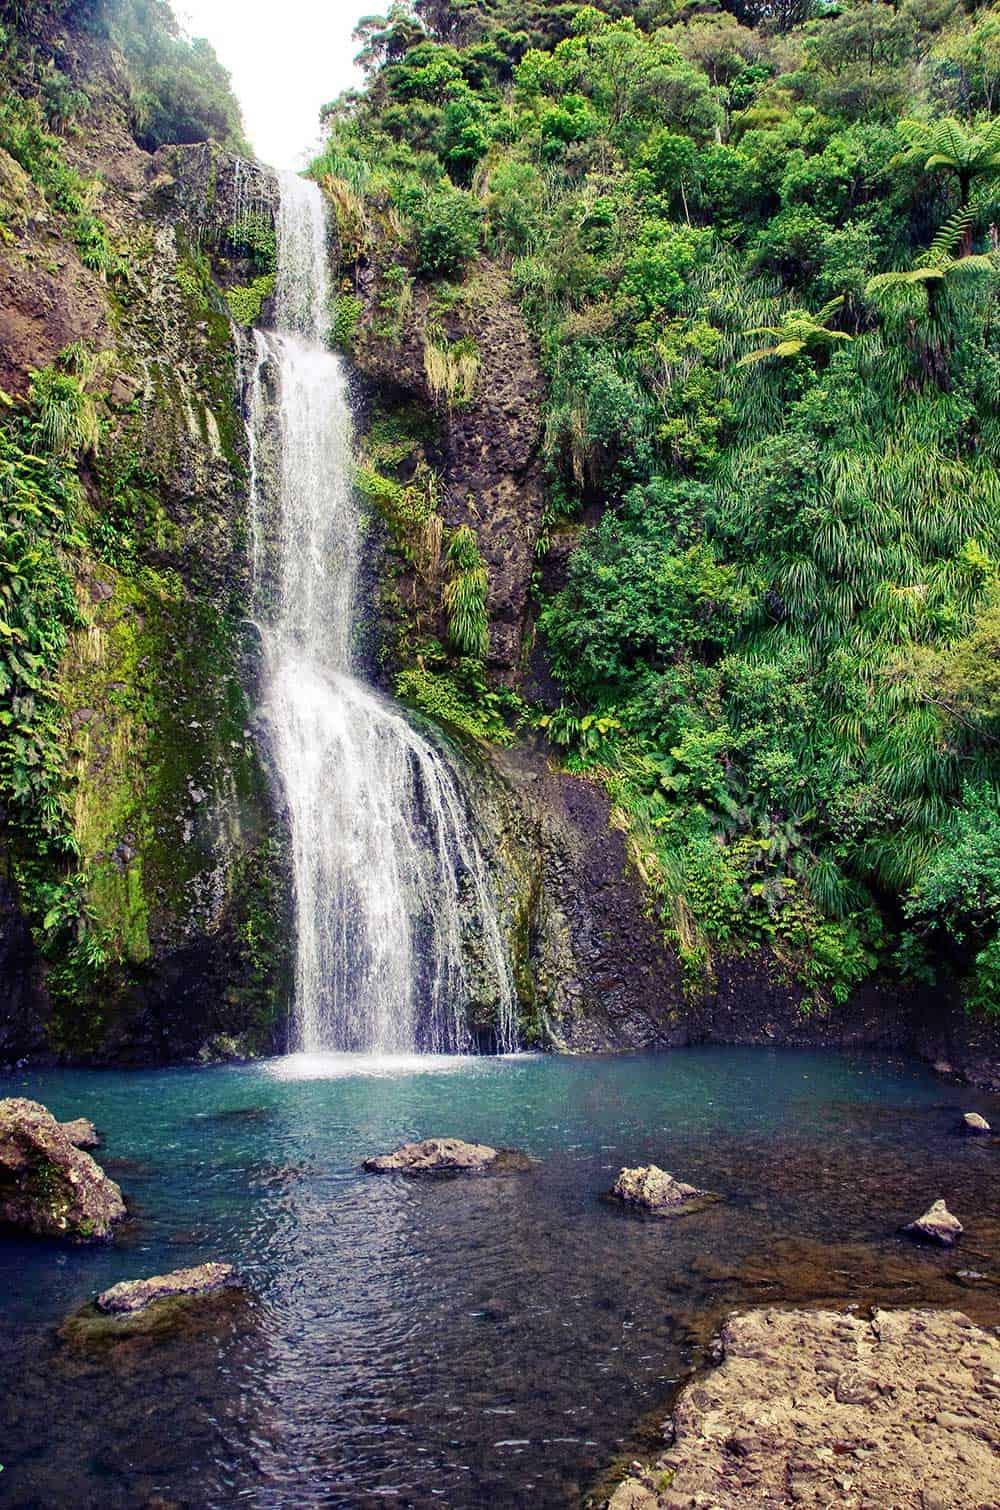 Kitekite Falls